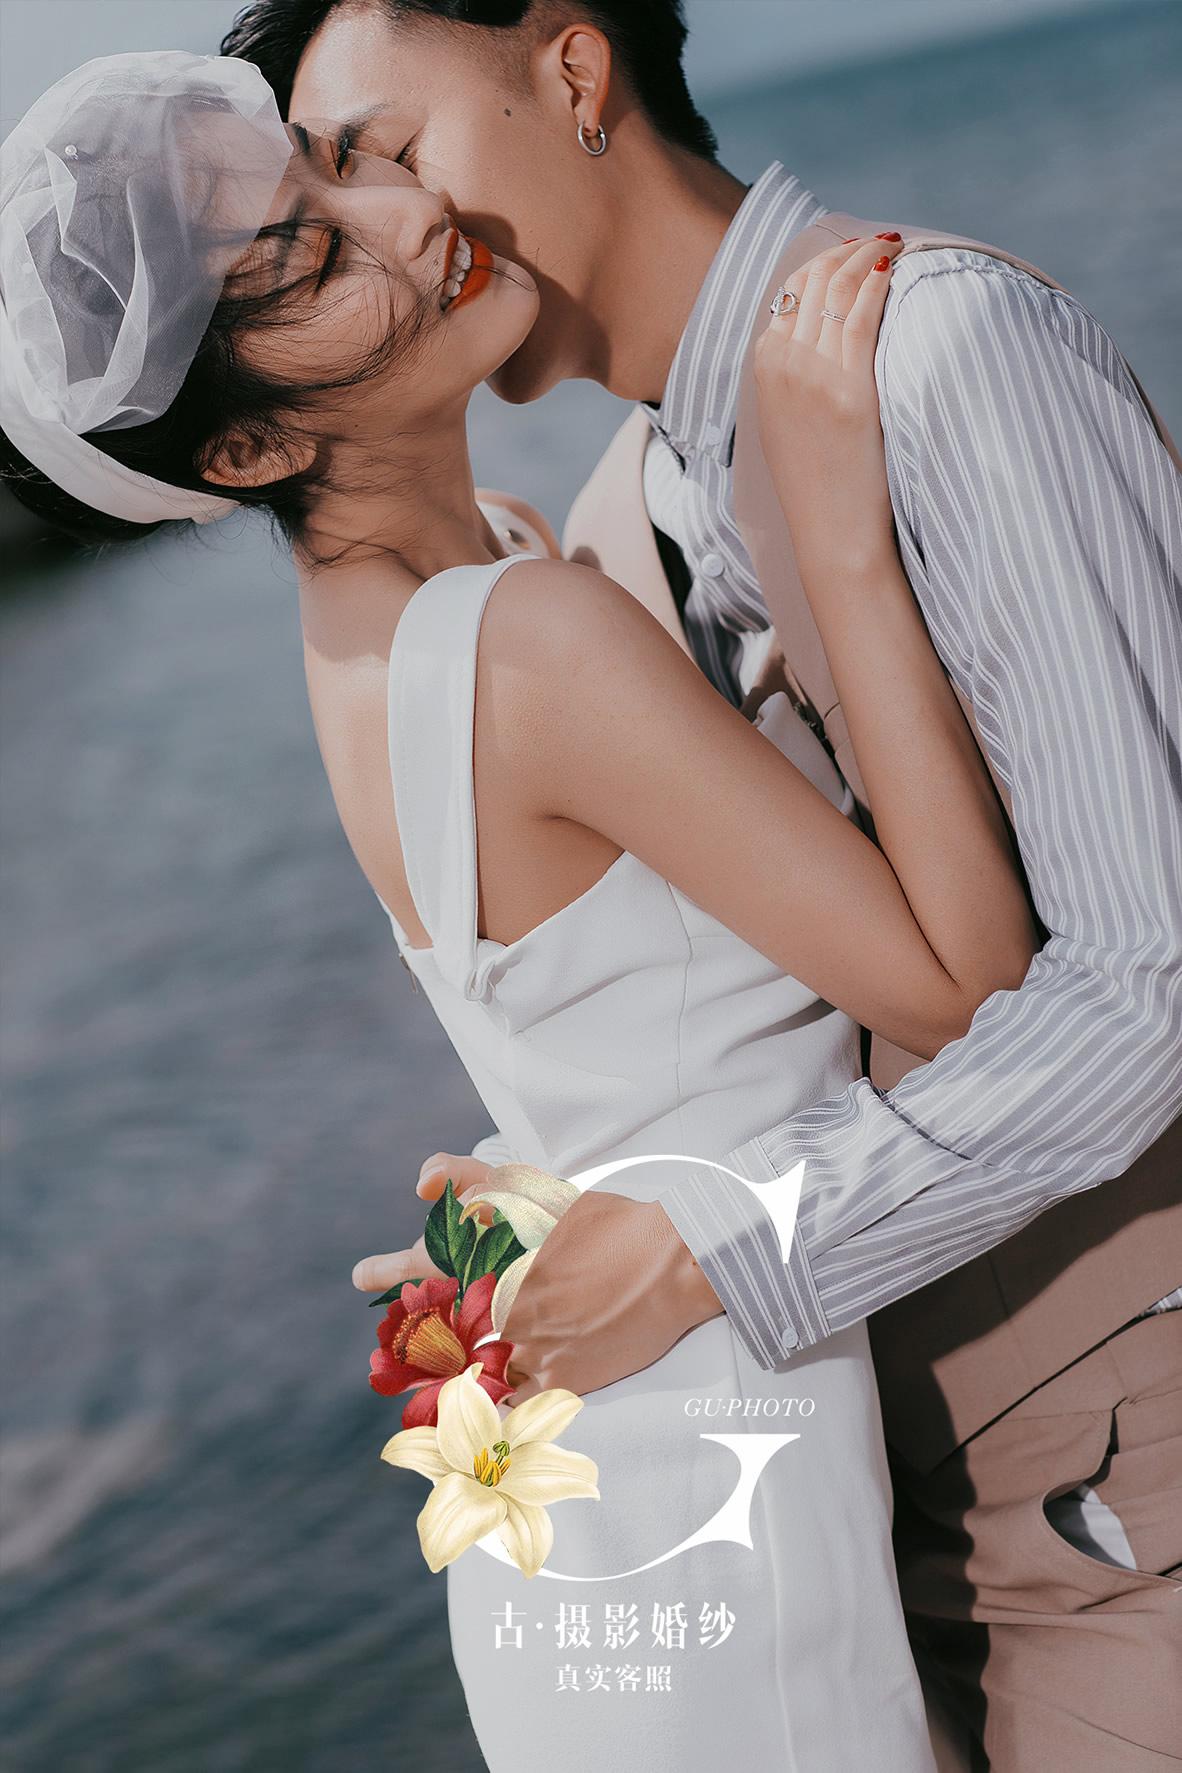 李先生 戚小姐 - 每日客照 - 古摄影婚纱艺术-古摄影成都婚纱摄影艺术摄影网